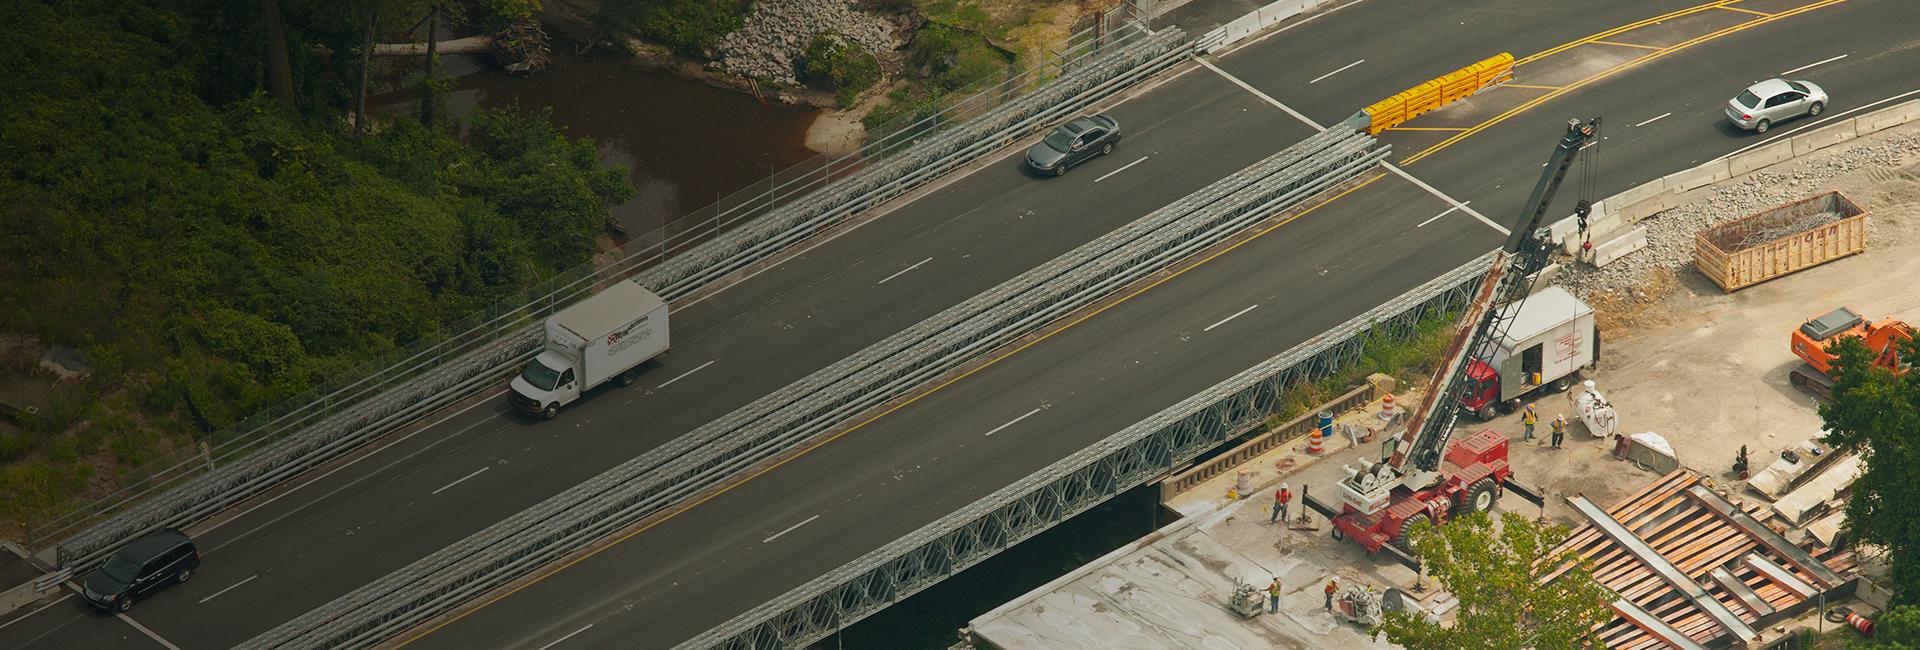 Acrow Temporary Bridges